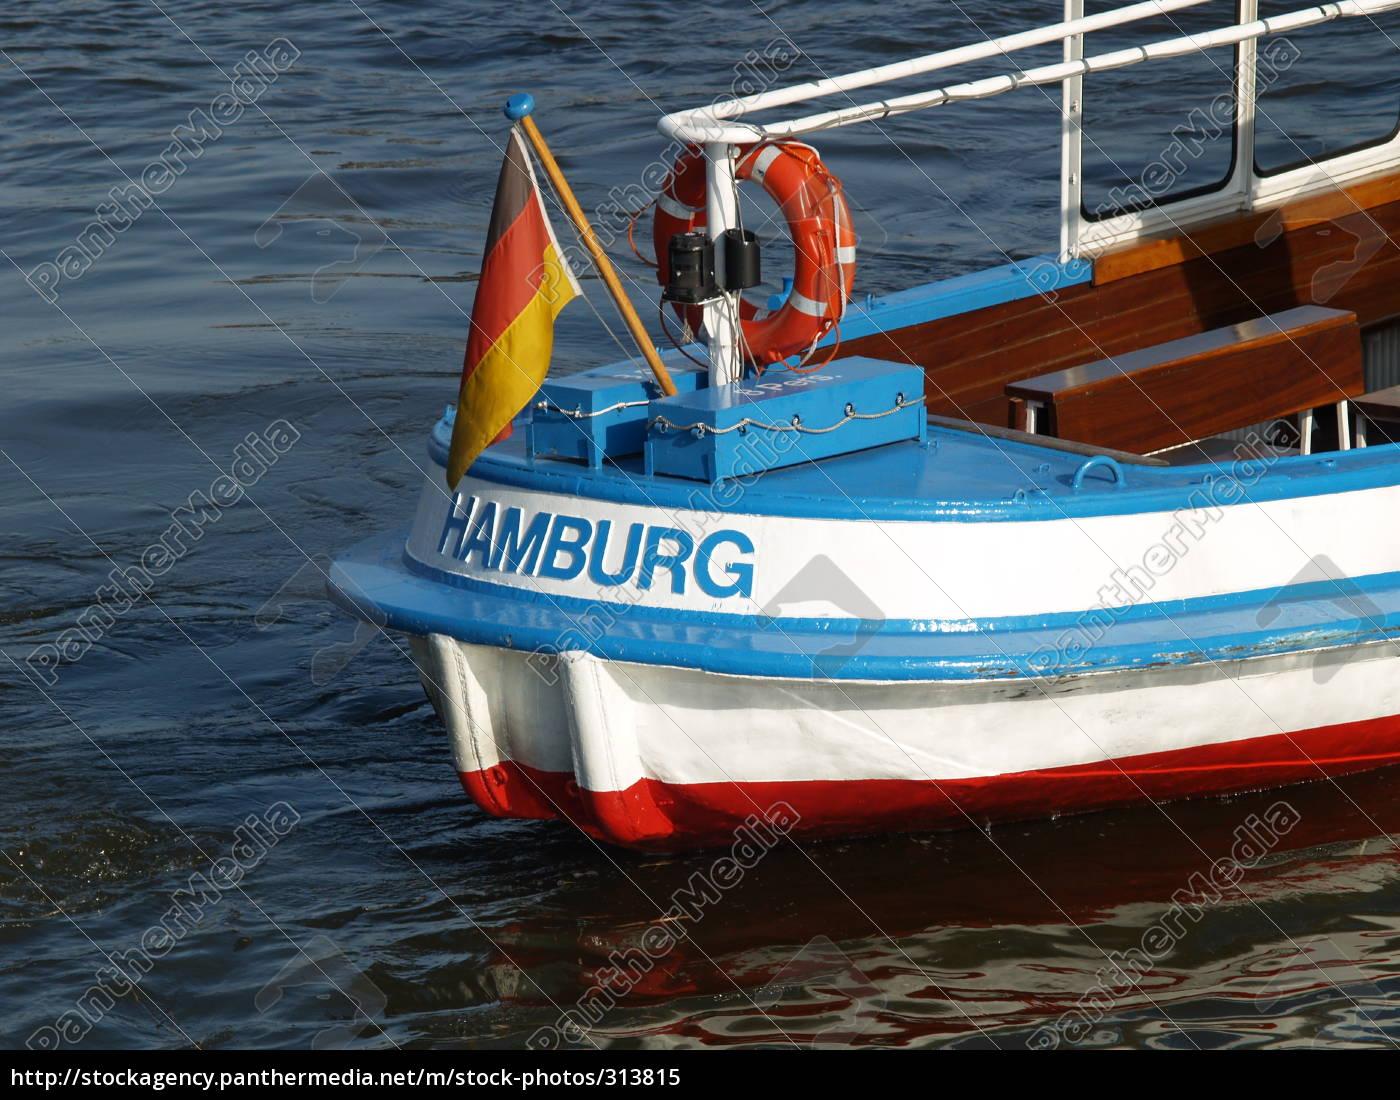 hamburg - 313815